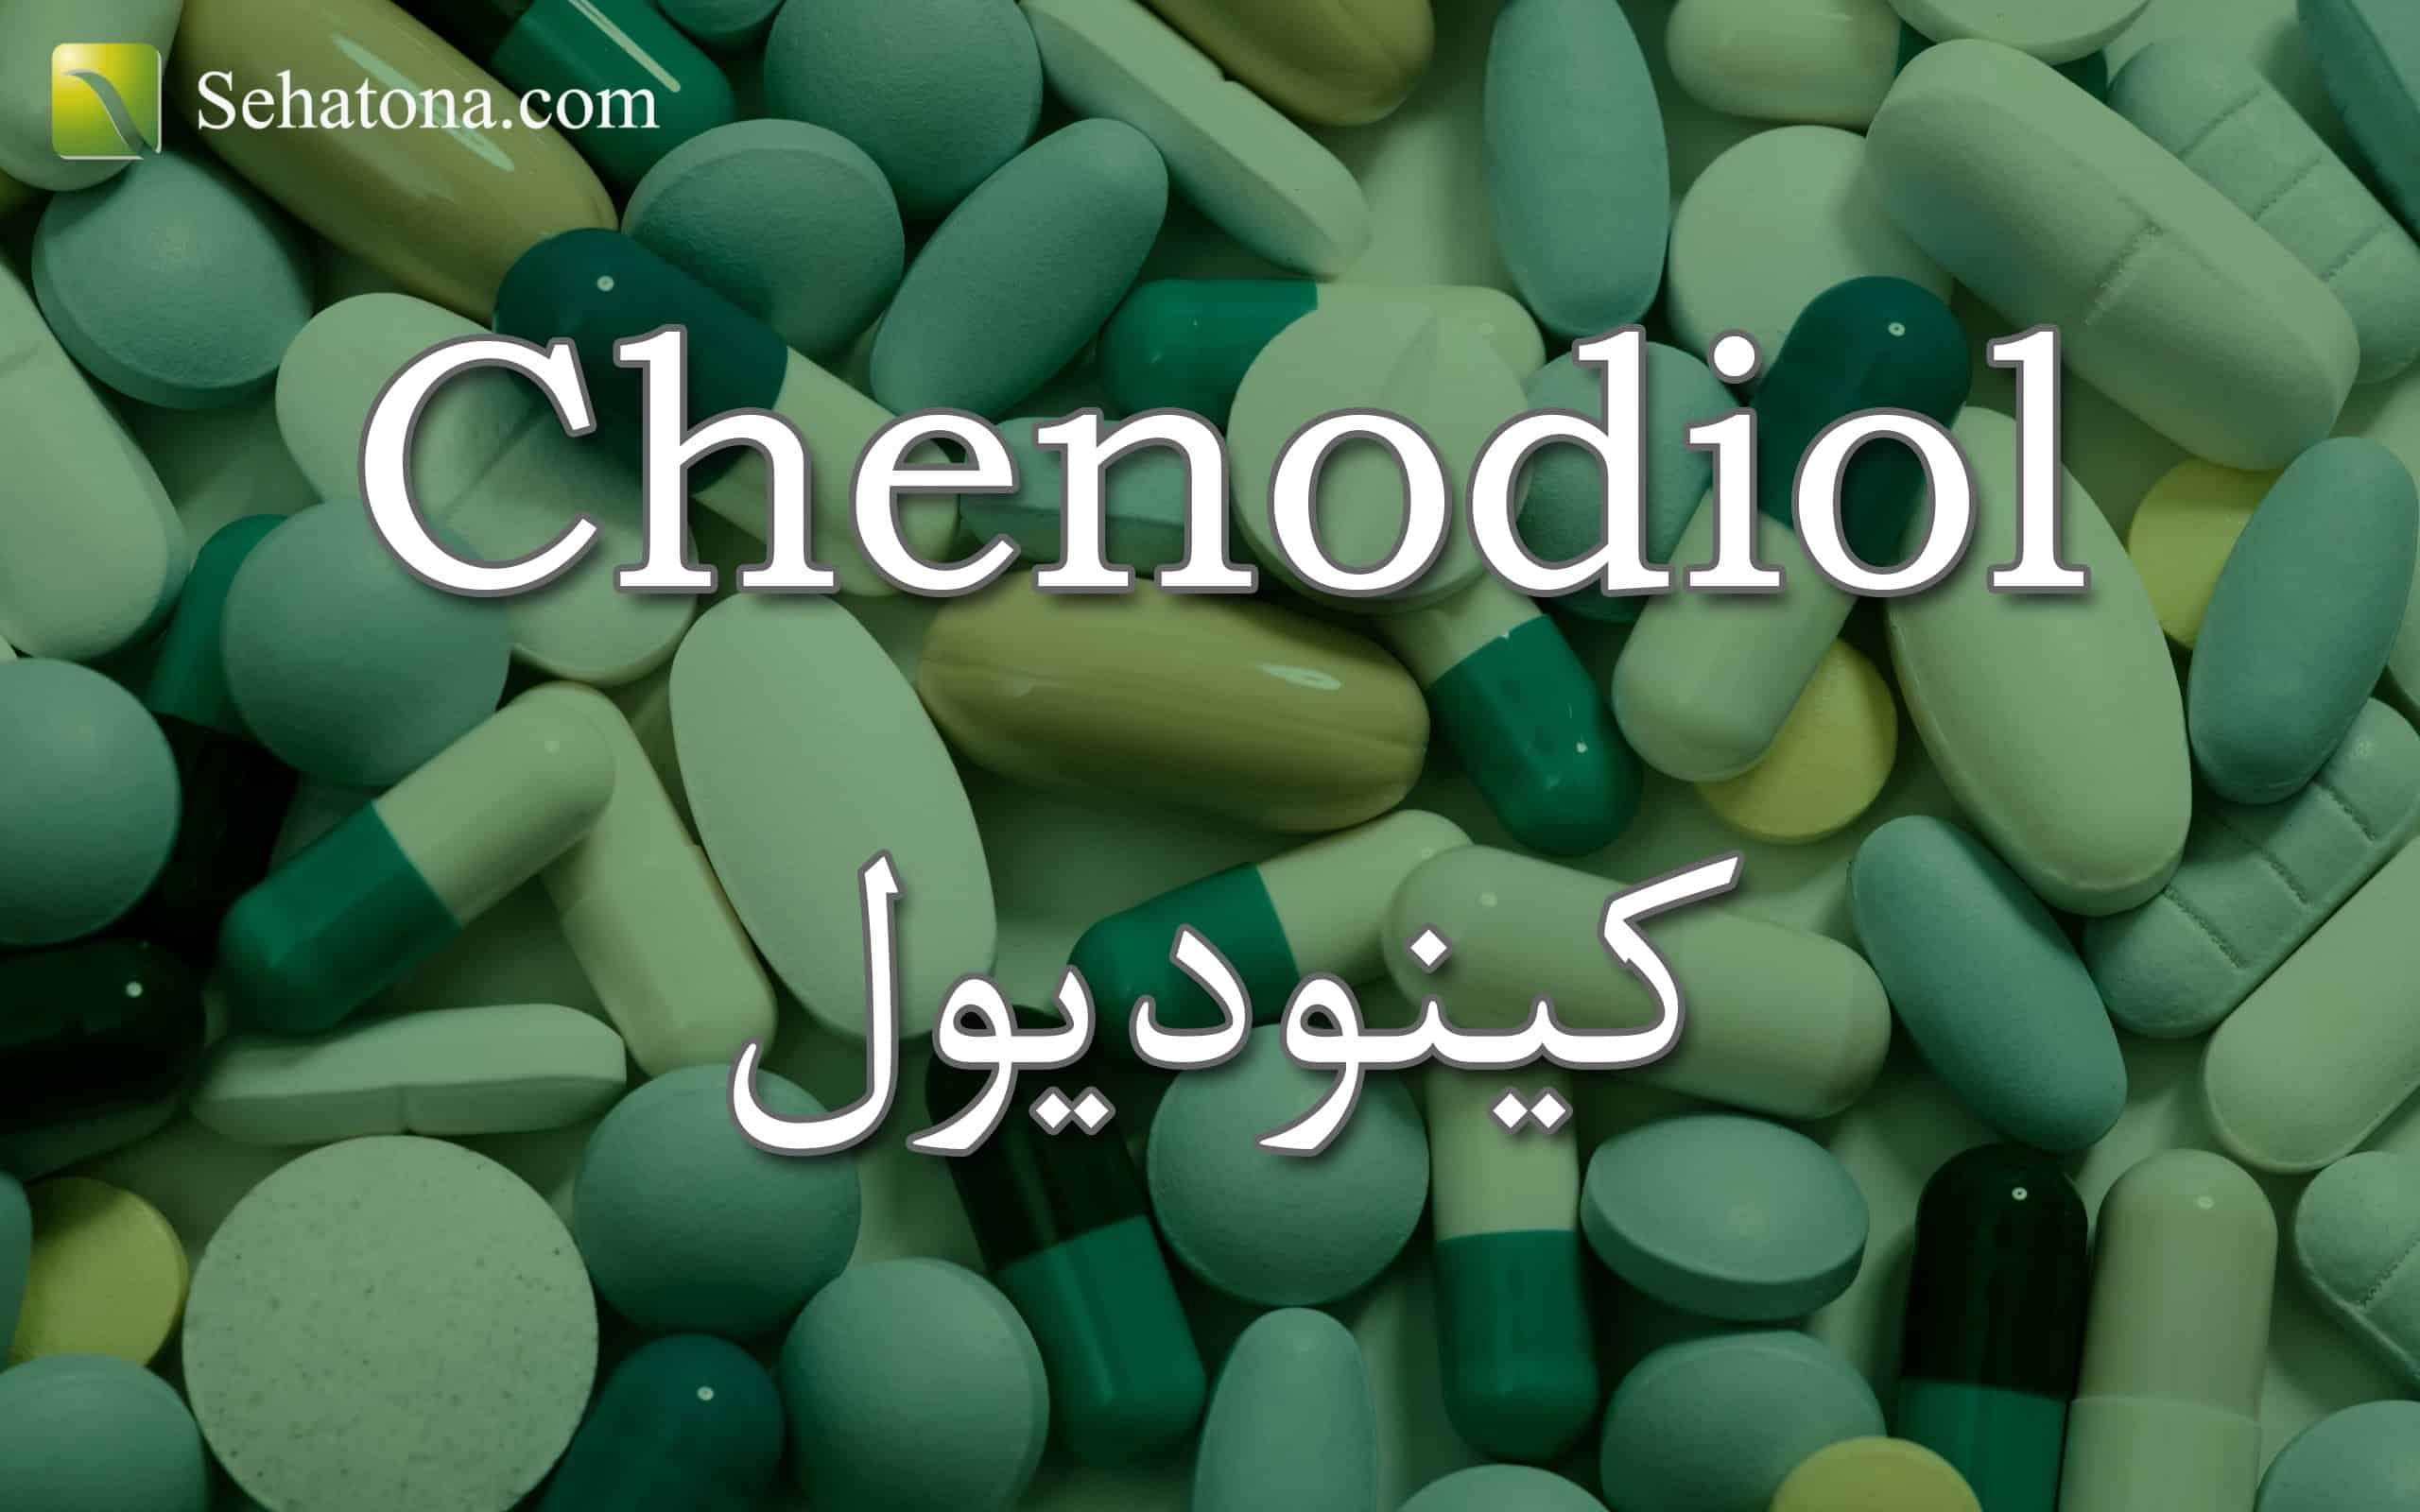 Chenodiol